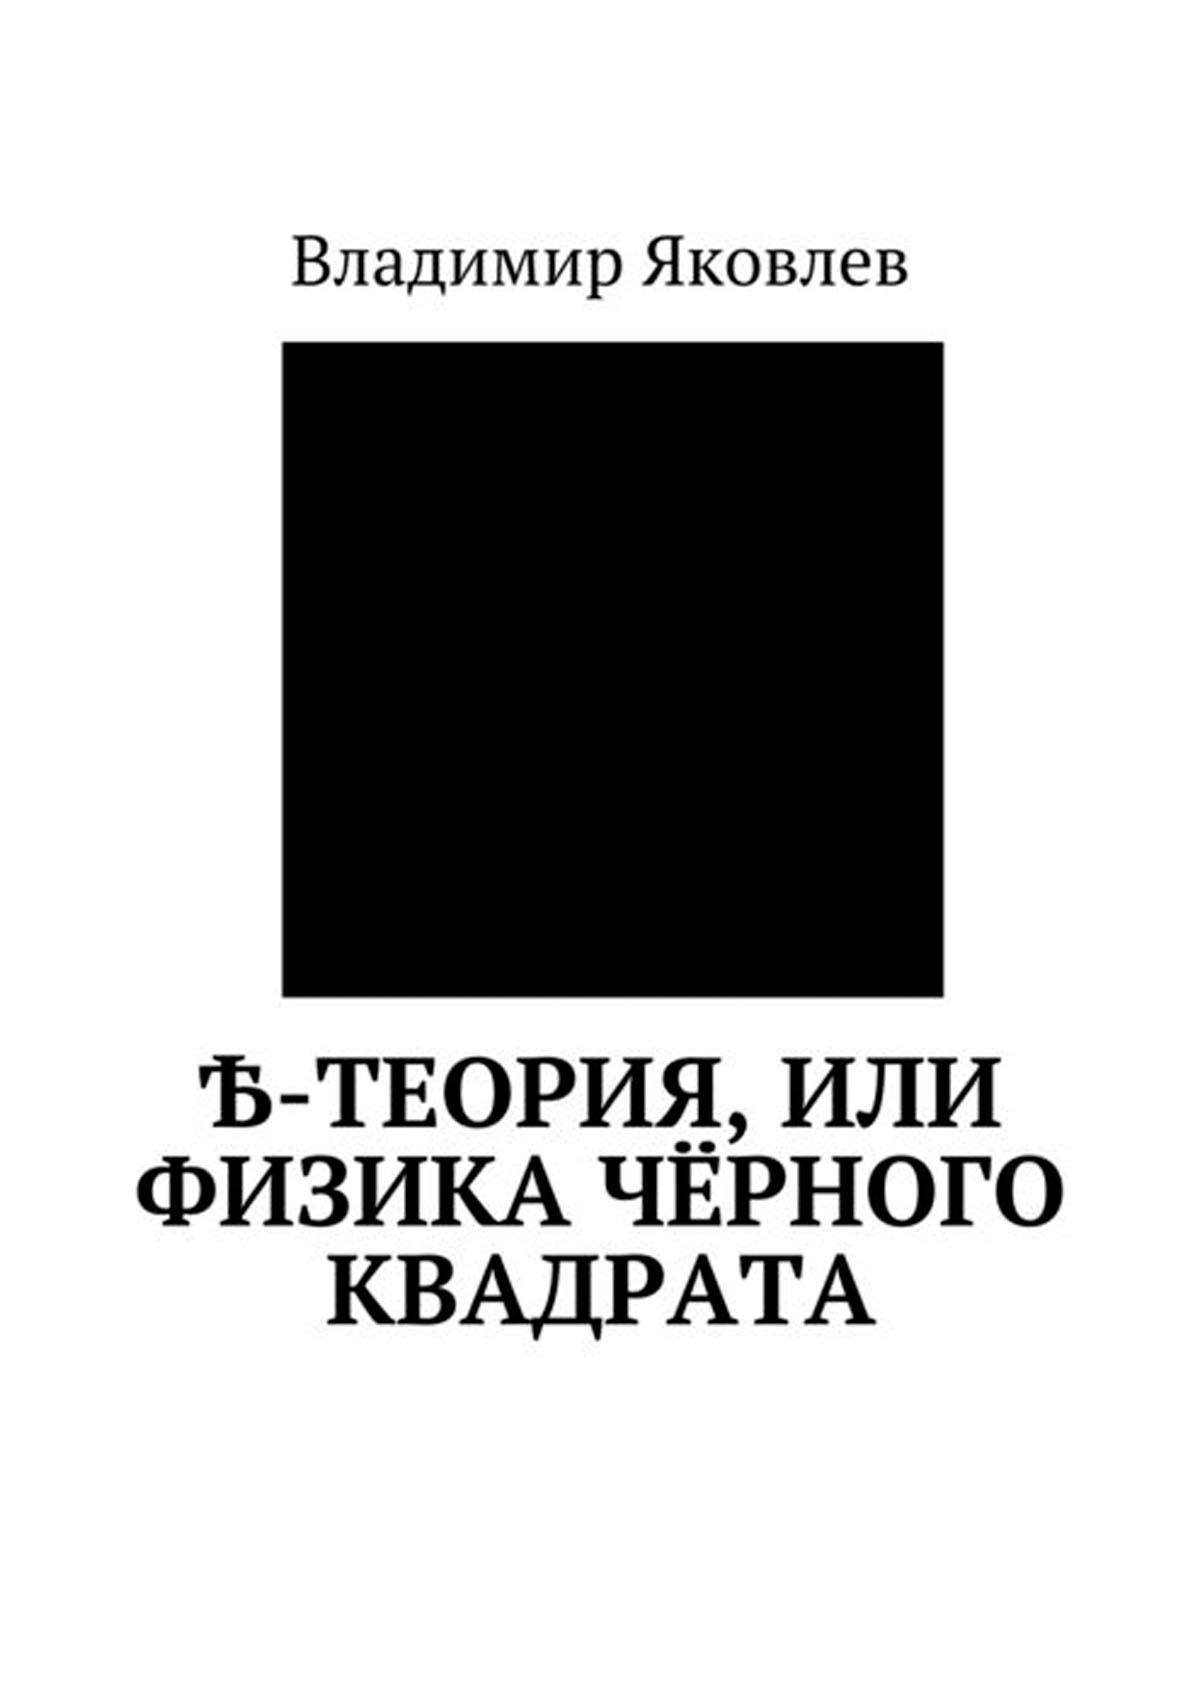 Ѣ-Теория, или Физика чёрного квадрата